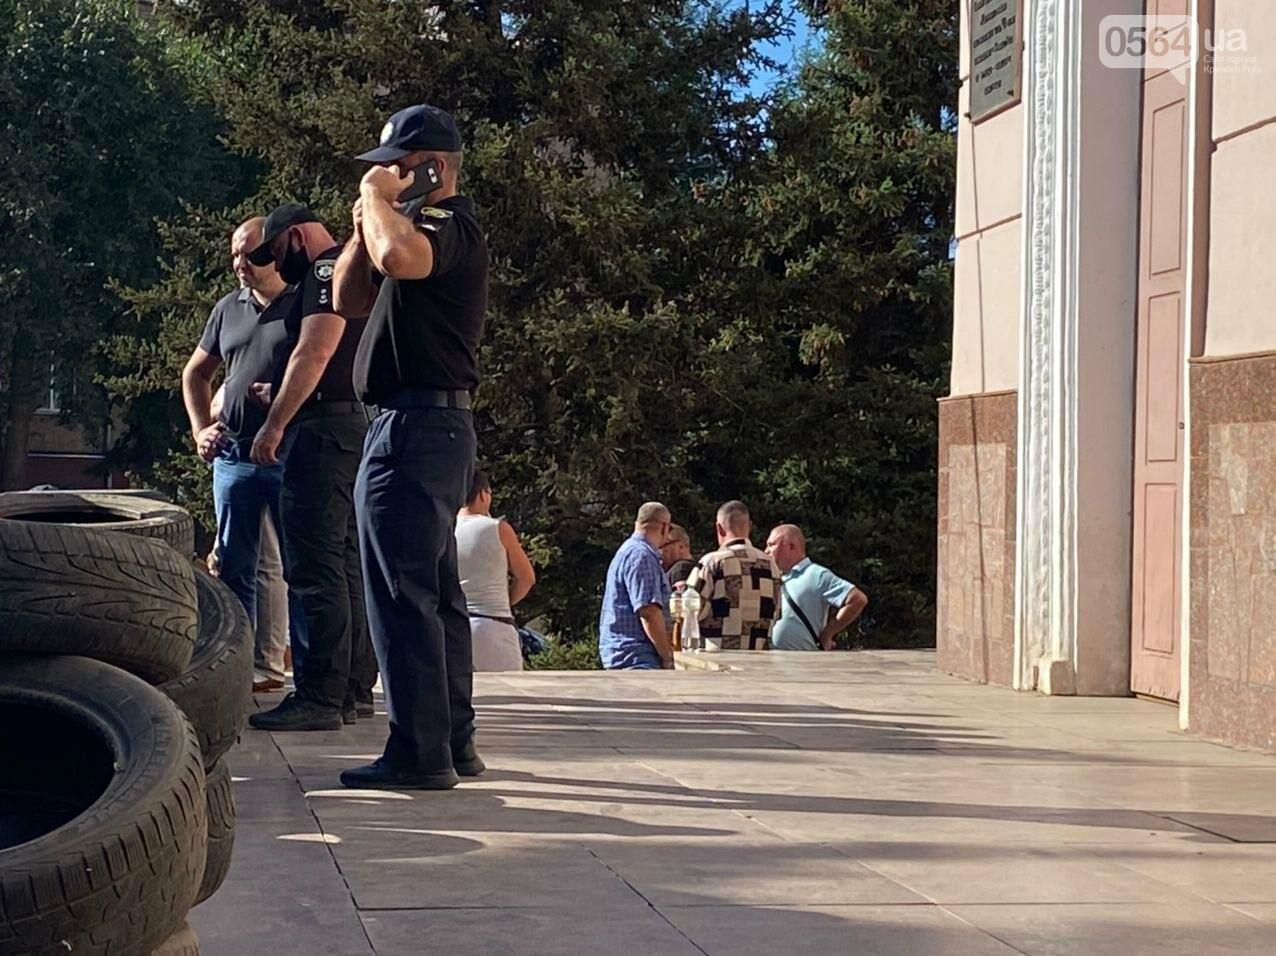 Отмолчаться не получится: у входа в админздание КЖРК проходит массовый митинг, на ступеньках сложены шины,  - ФОТО, ВИДЕО, фото-20